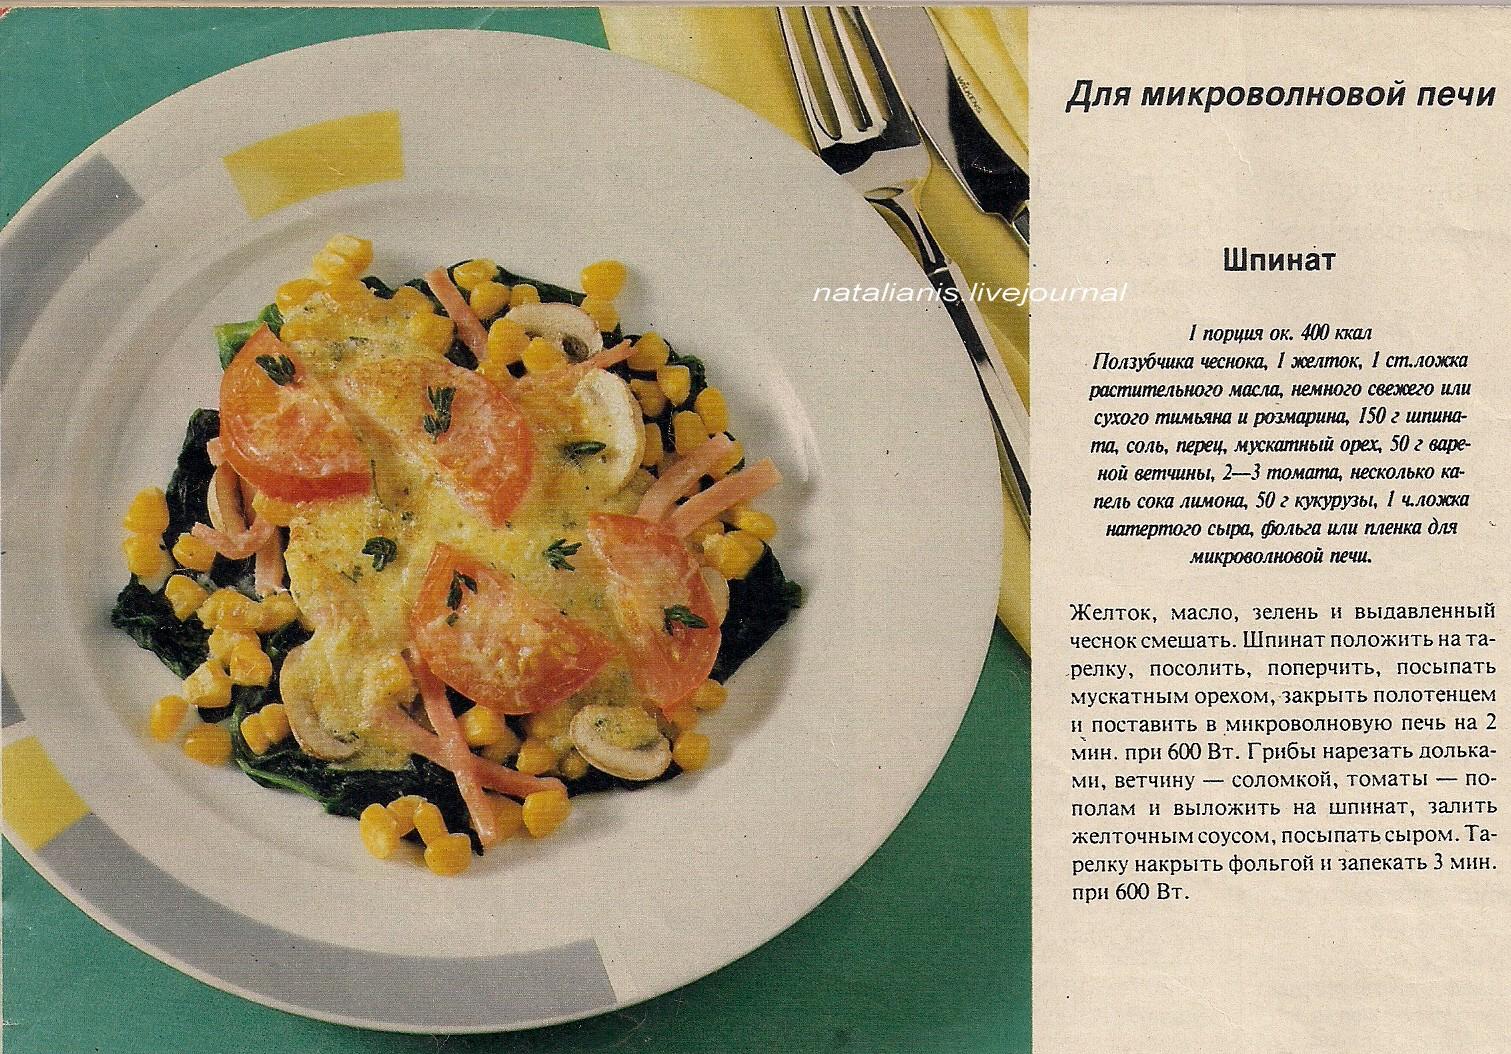 Приготовление еды в микроволновке рецепты